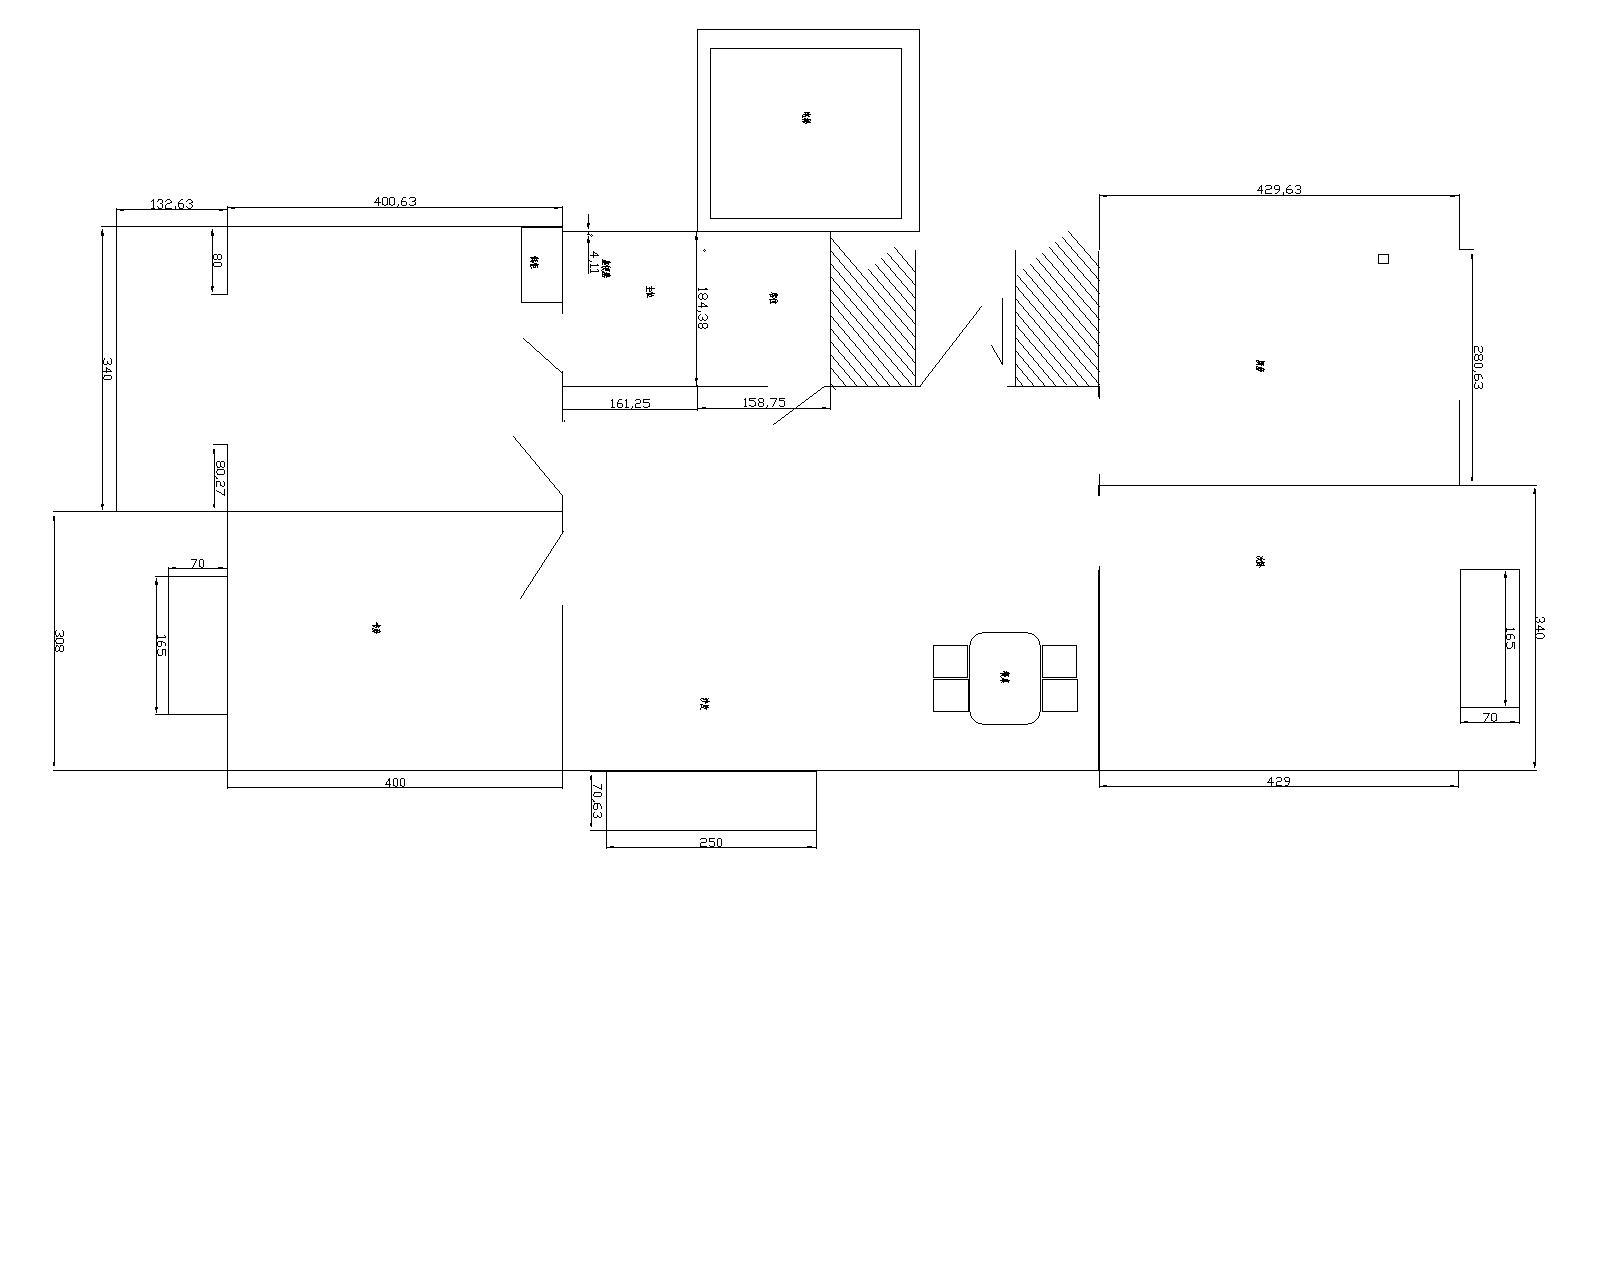 天花吊顶平面图:要求详细注明各顶棚标高